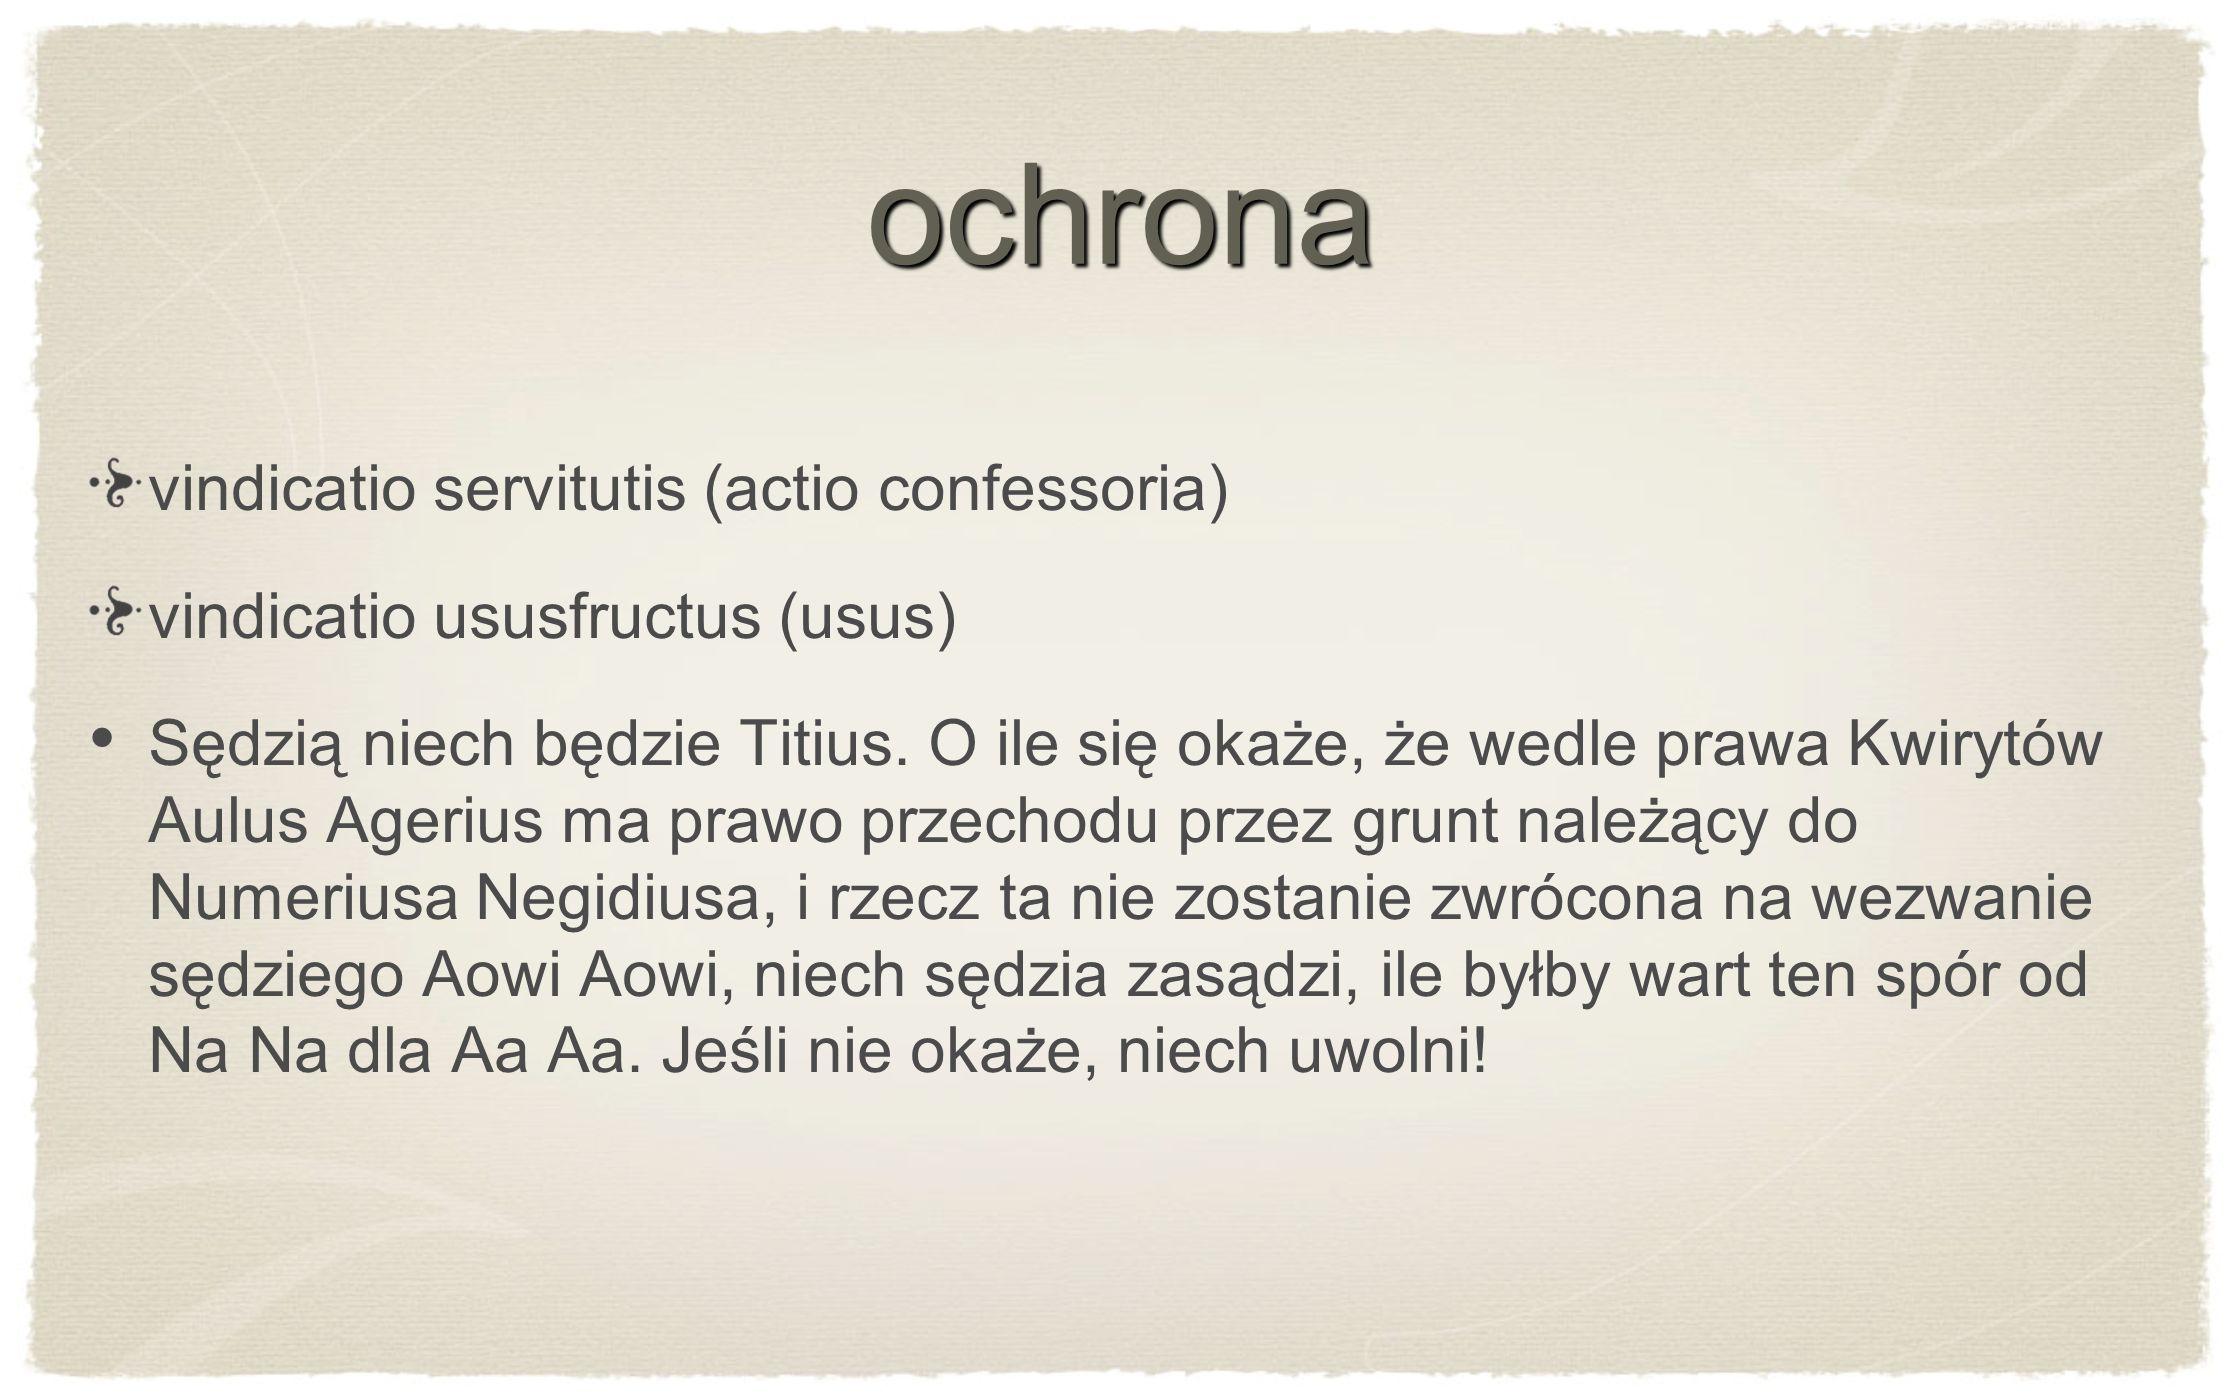 ochrona vindicatio servitutis (actio confessoria)